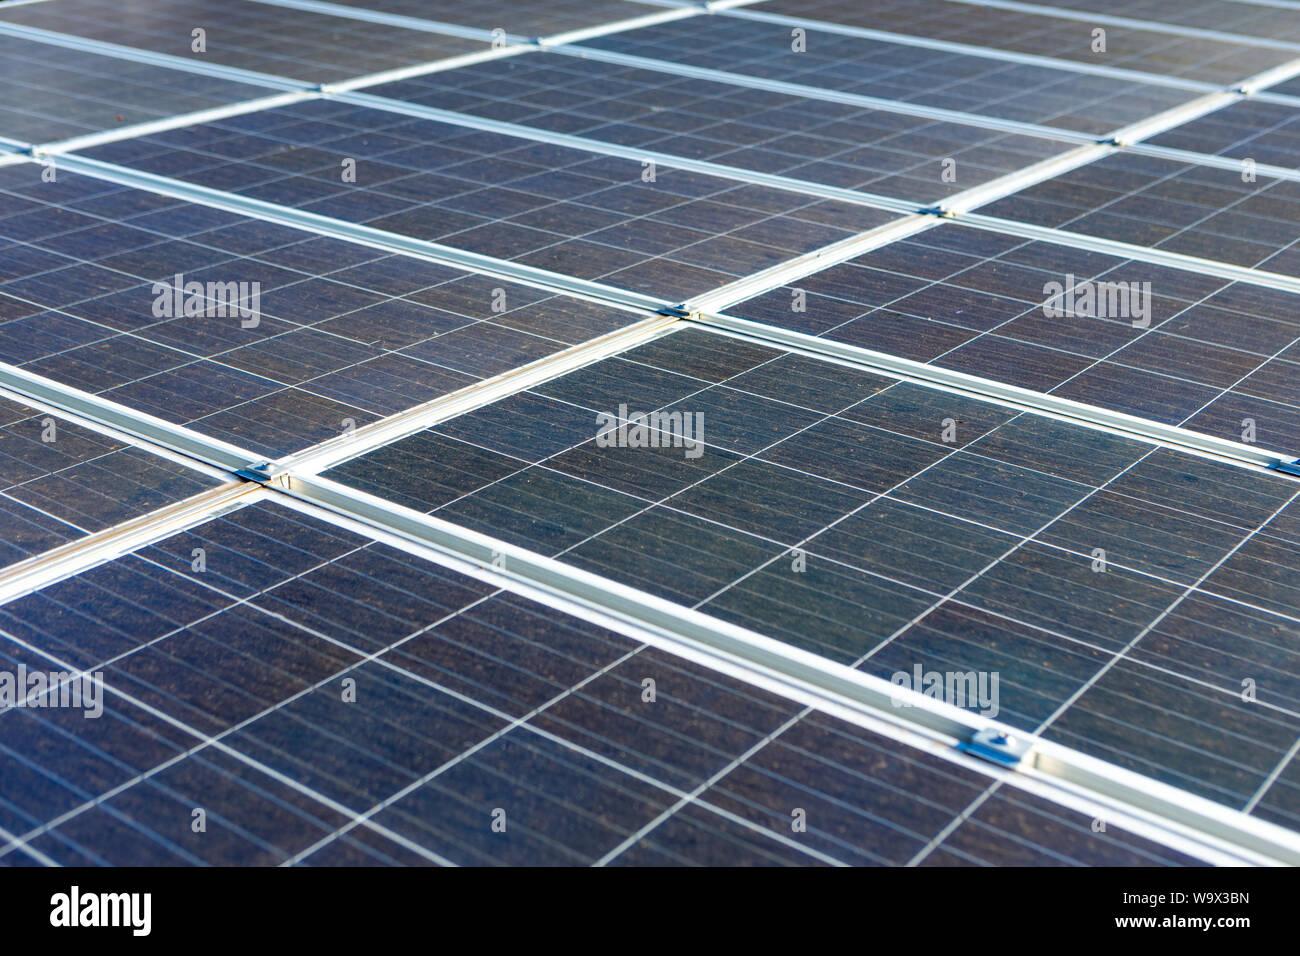 Los paneles solares generan energía en casas rurales en el interior de Brasil. El concepto de la conservación del medio ambiente, el cambio climático, las emisiones de carbono cero, clea Foto de stock